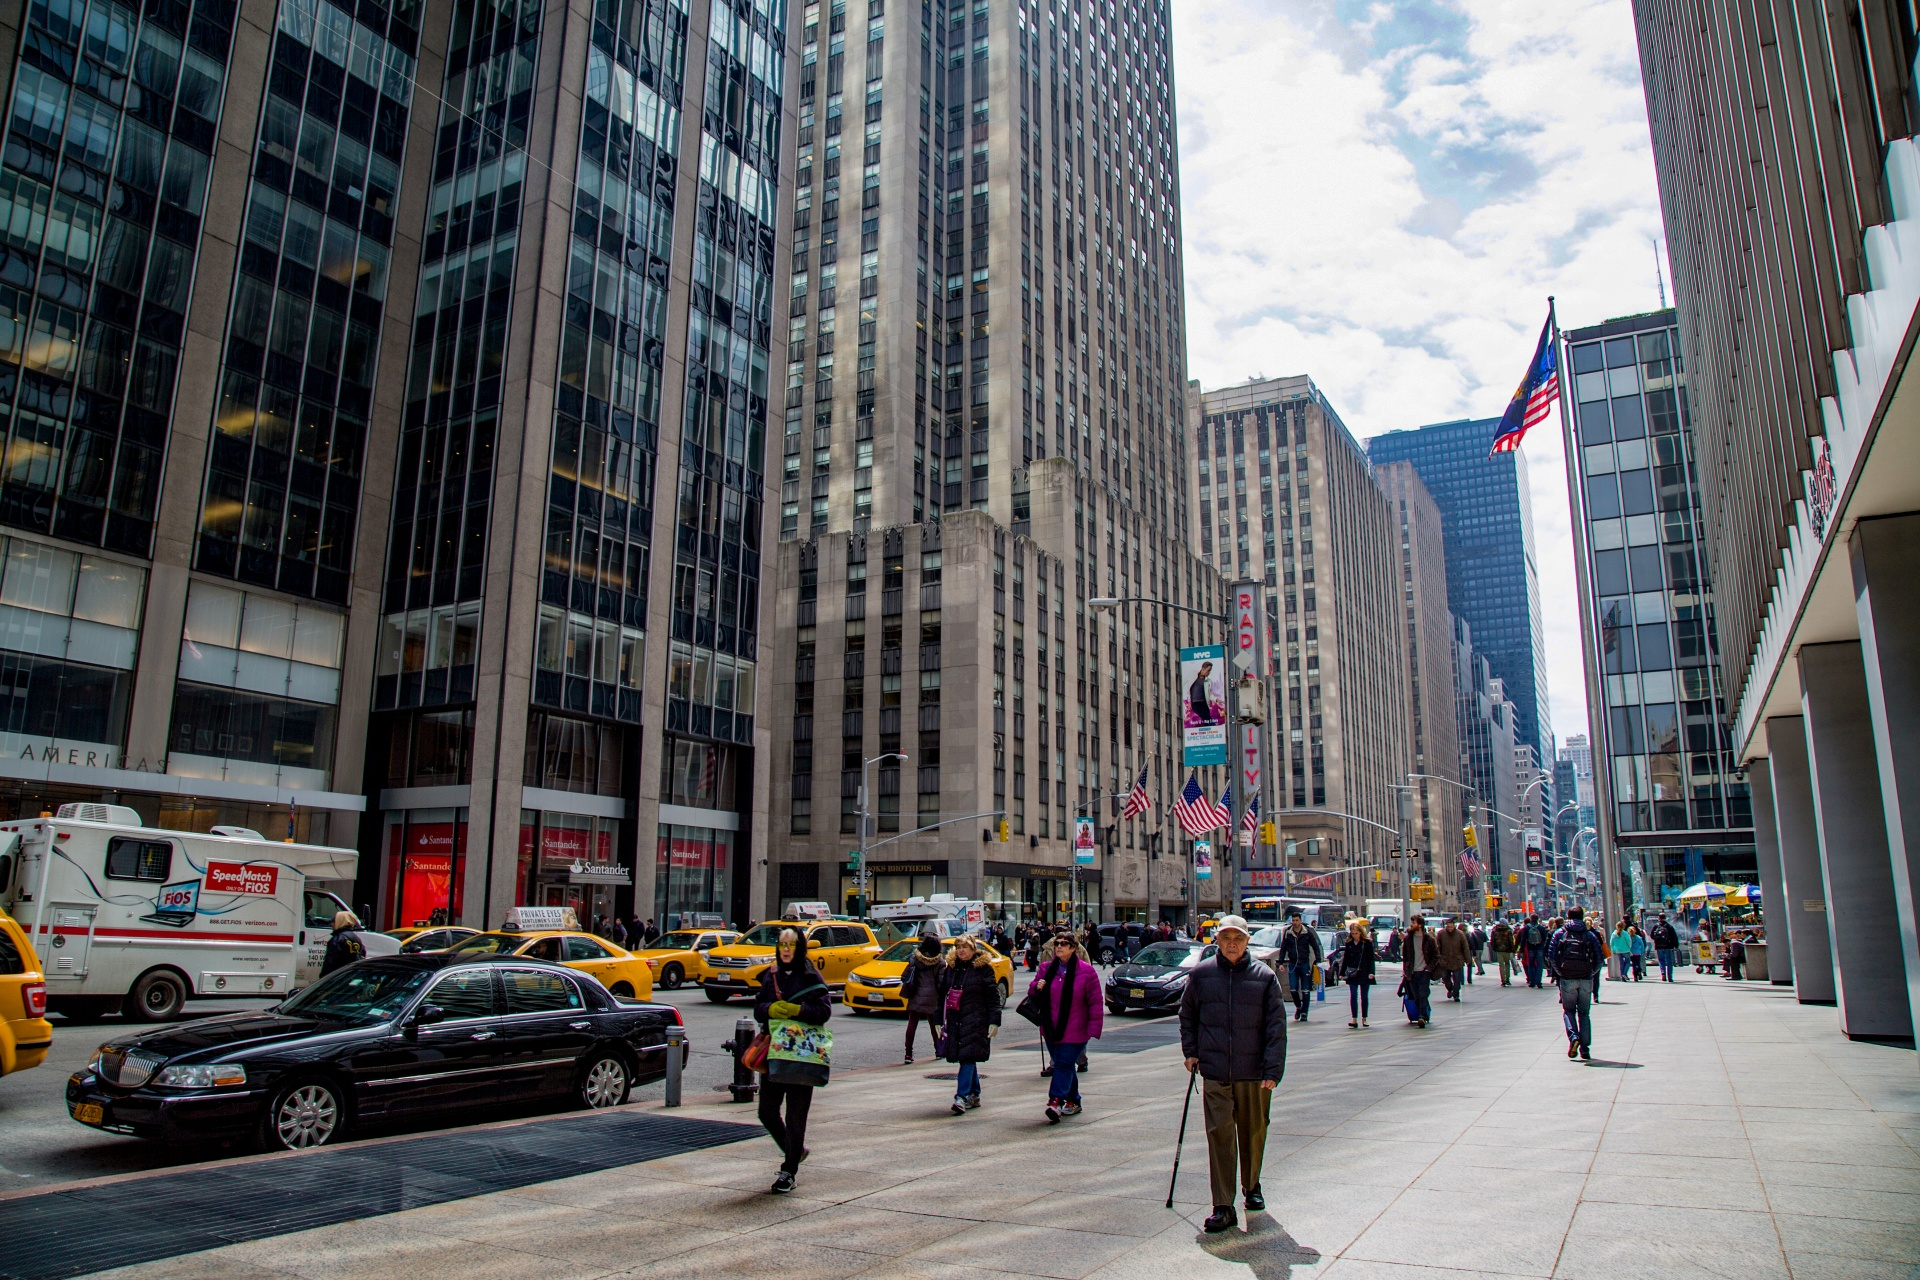 new-york-street-photography-1467653254YXS Яагаад үүрийн 5 цагт сэрэх ёстой вэ?